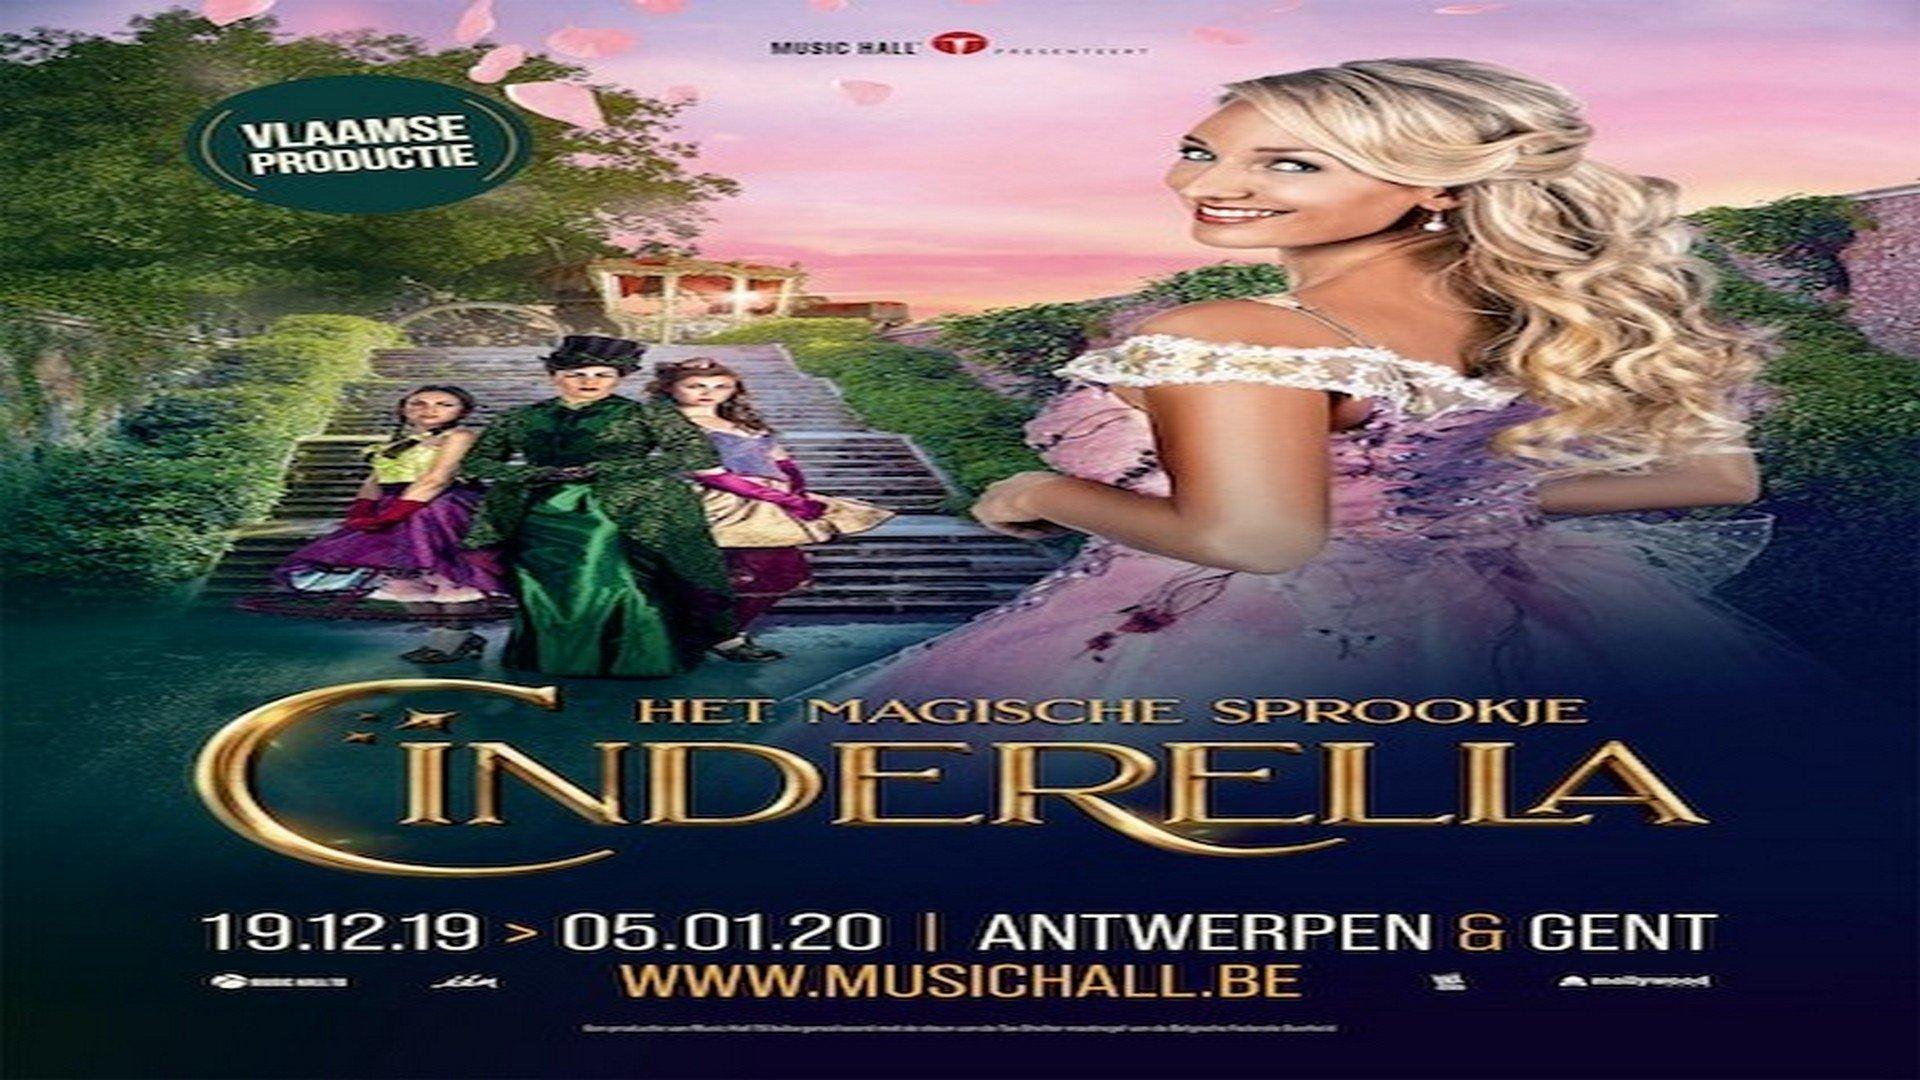 Music Hall presenteert magisch sprookje 'Cinderella' - Affiche Cinderella